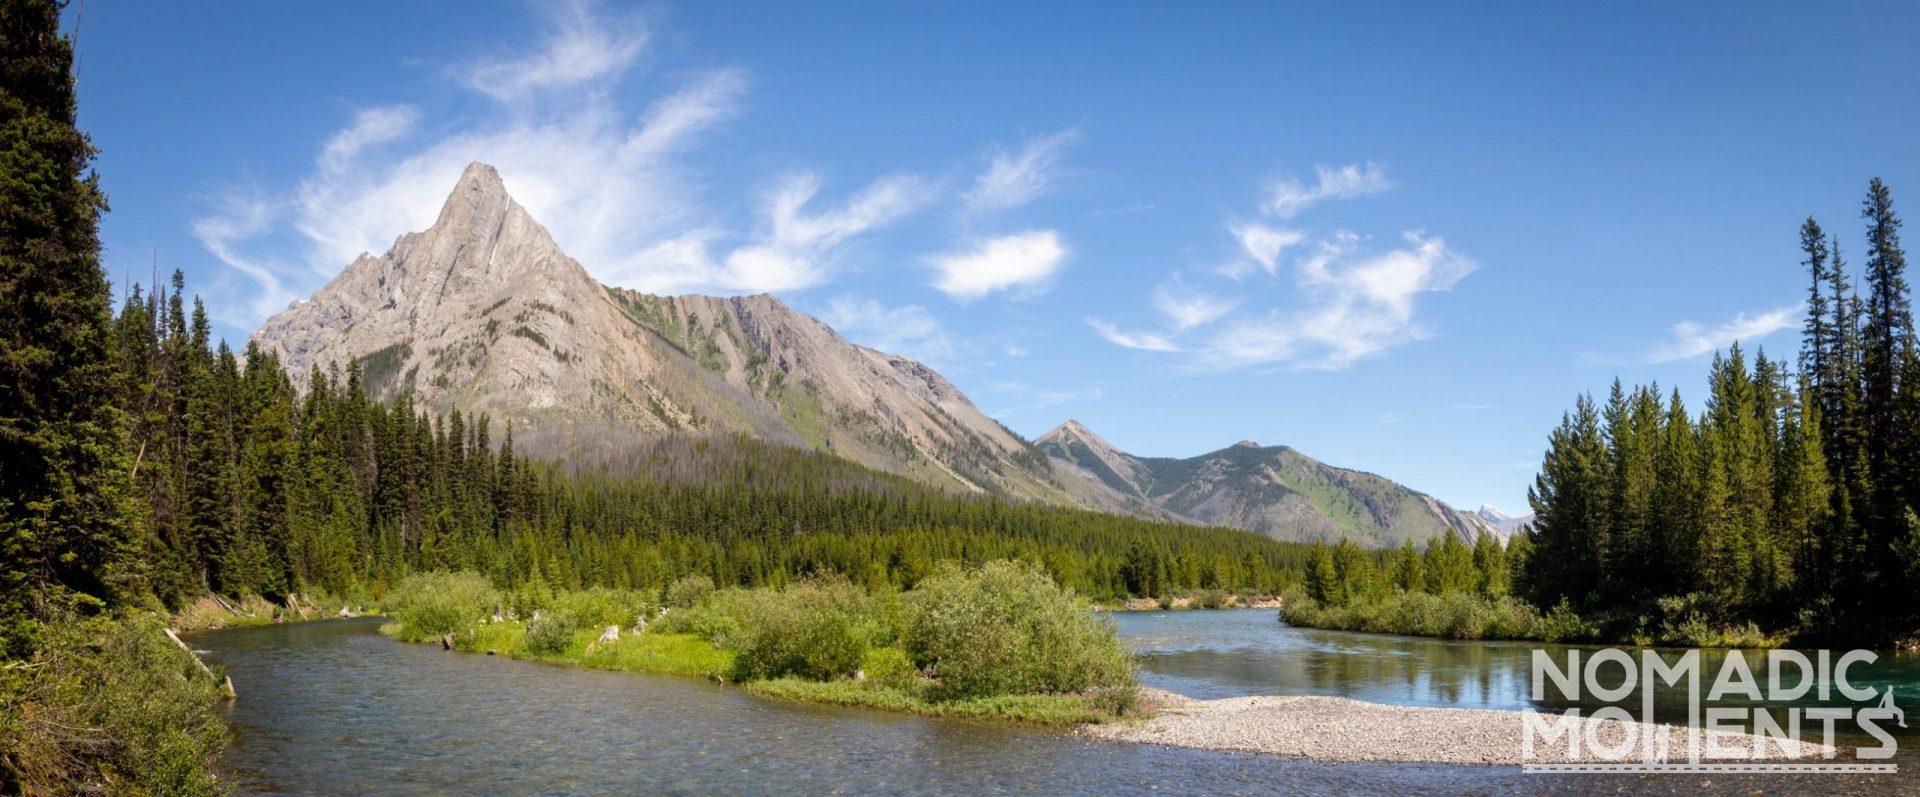 Spray Lake Reservoir